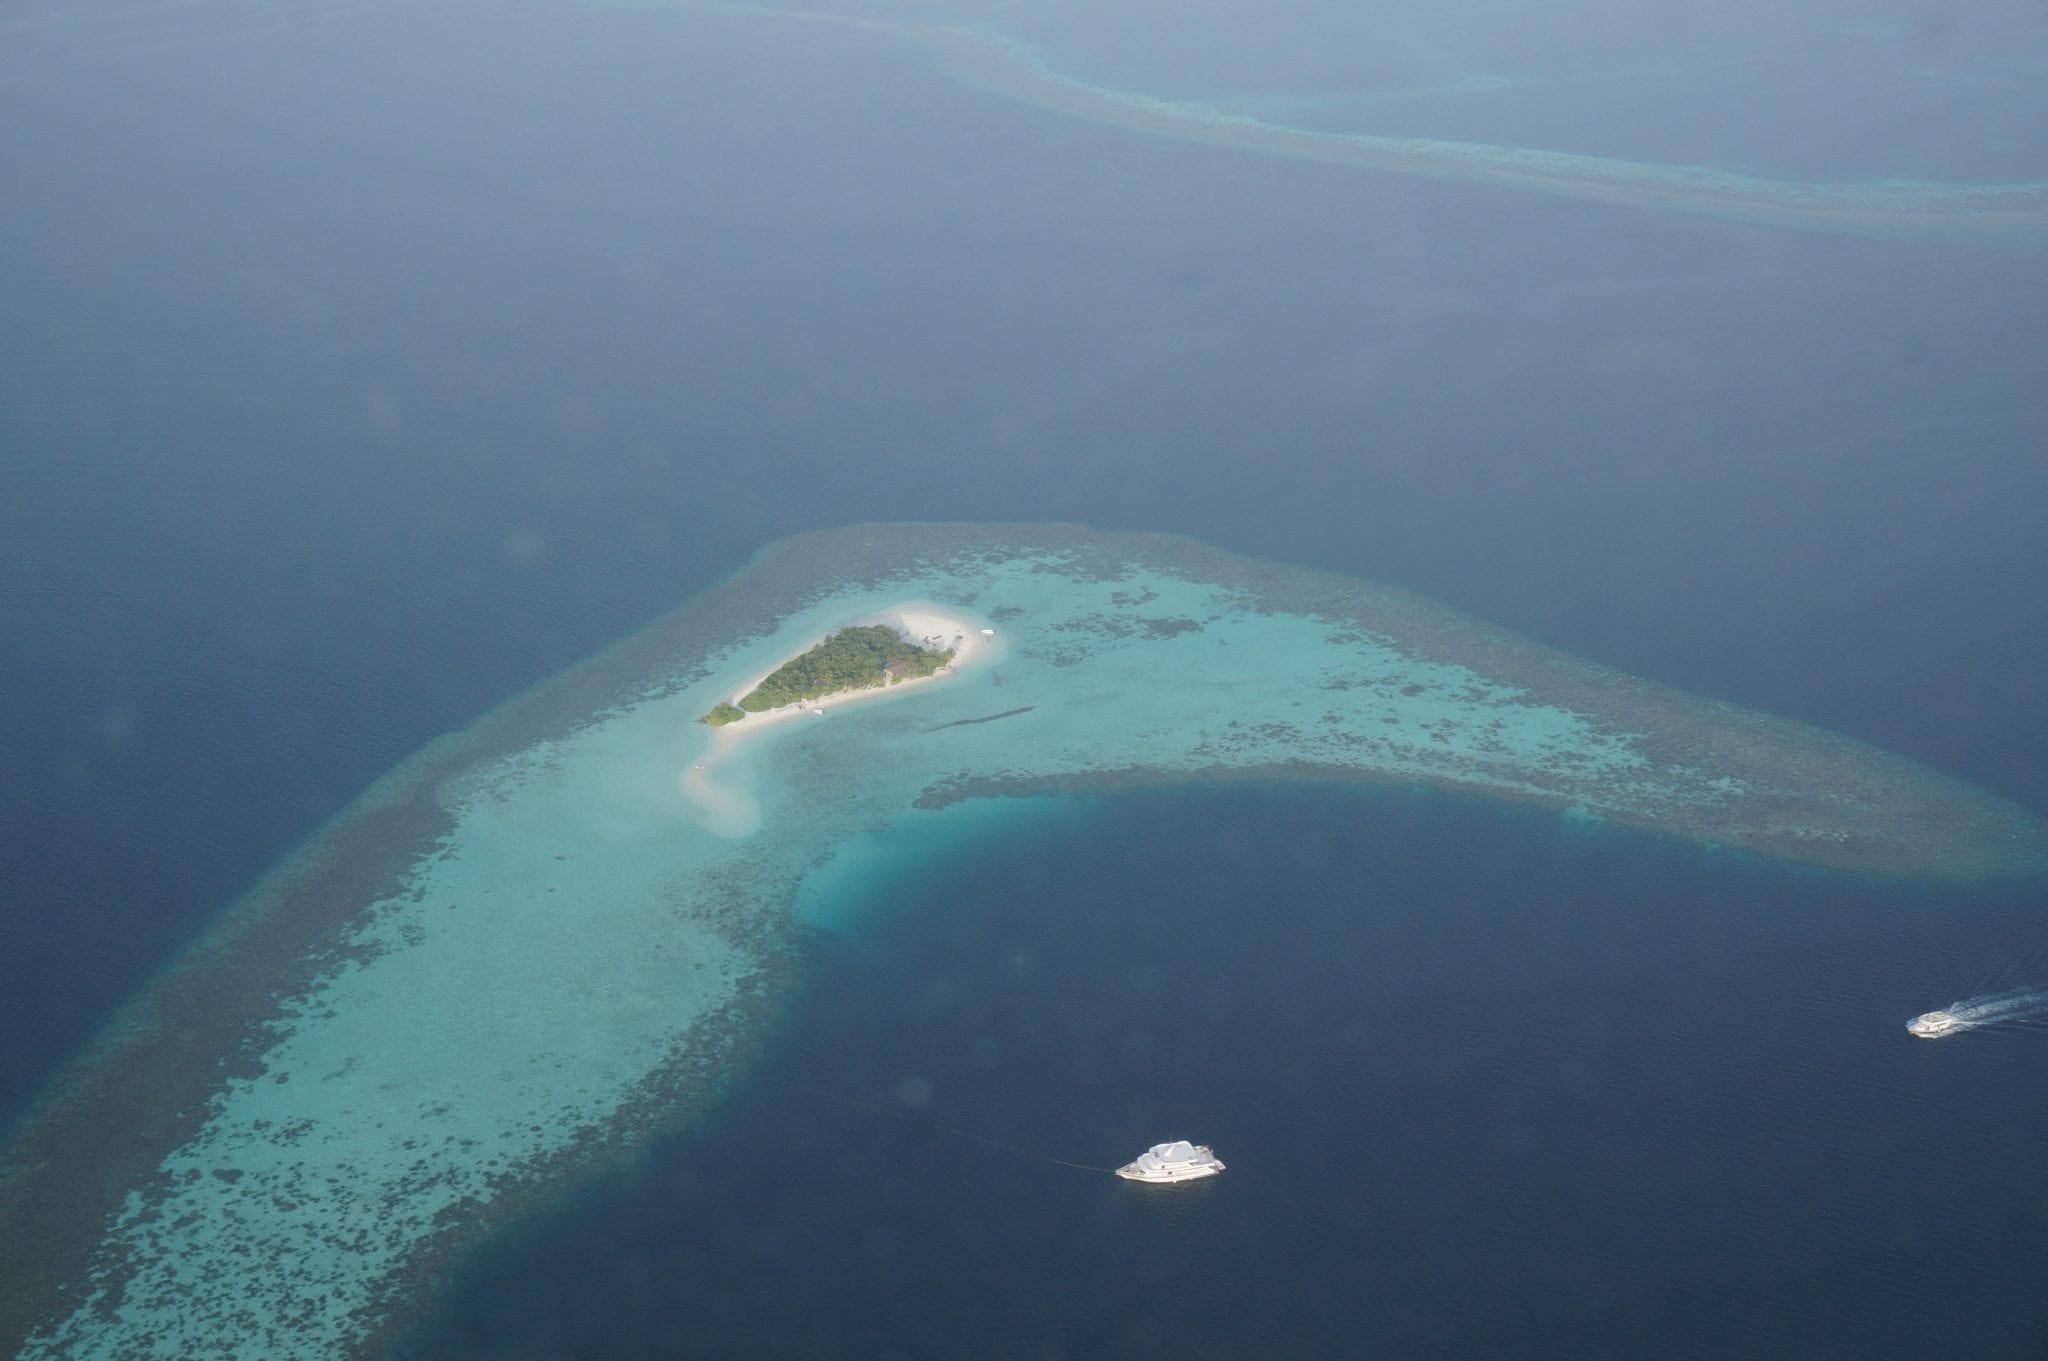 Seaplane arrival Conrad Rangali 2016 13 - REVIEW - Seaplane Transfer and Arrival Experience at Conrad Maldives